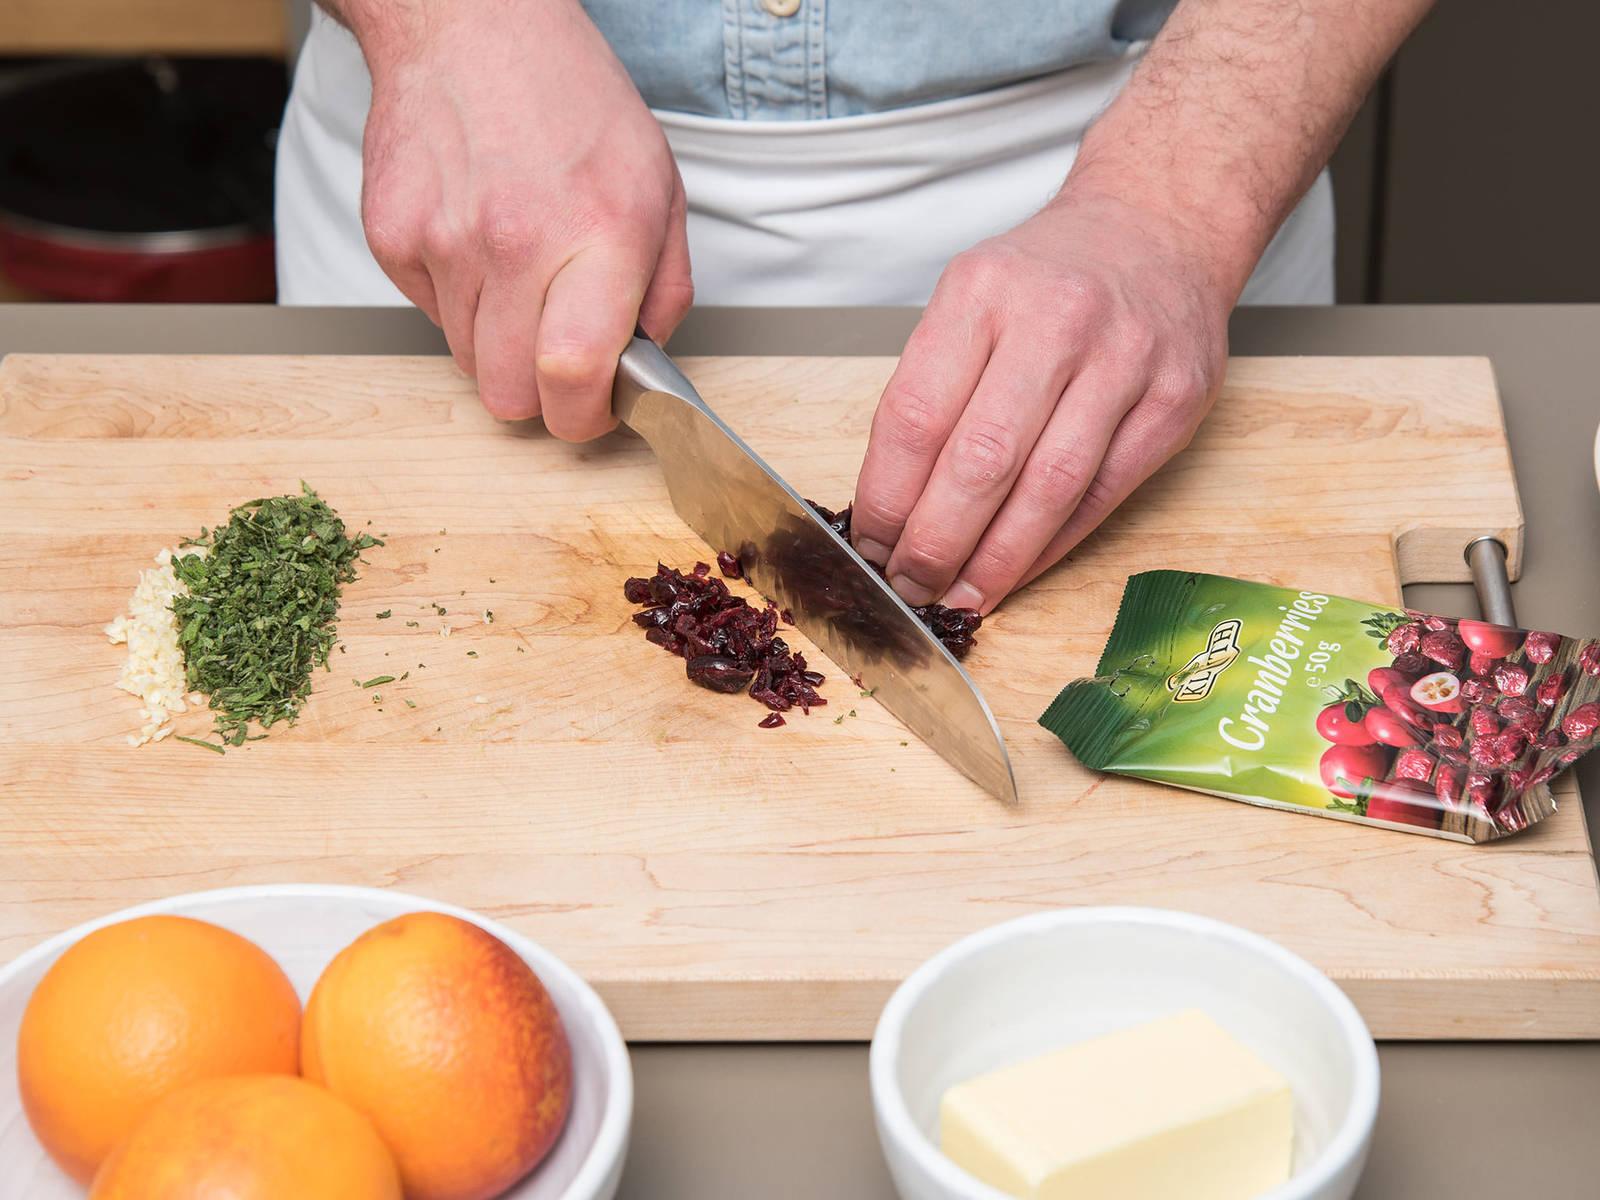 Knoblauch, etwas mehr als die Hälfte der Salbeiblätter und Cranberrys hacken. Mit einer feinen Reibe eine Blutorange abreiben und anschließend den Saft auspressen. Abrieb und Saft beiseitestellen. Die restlichen Blutorangen in Scheiben schneiden.